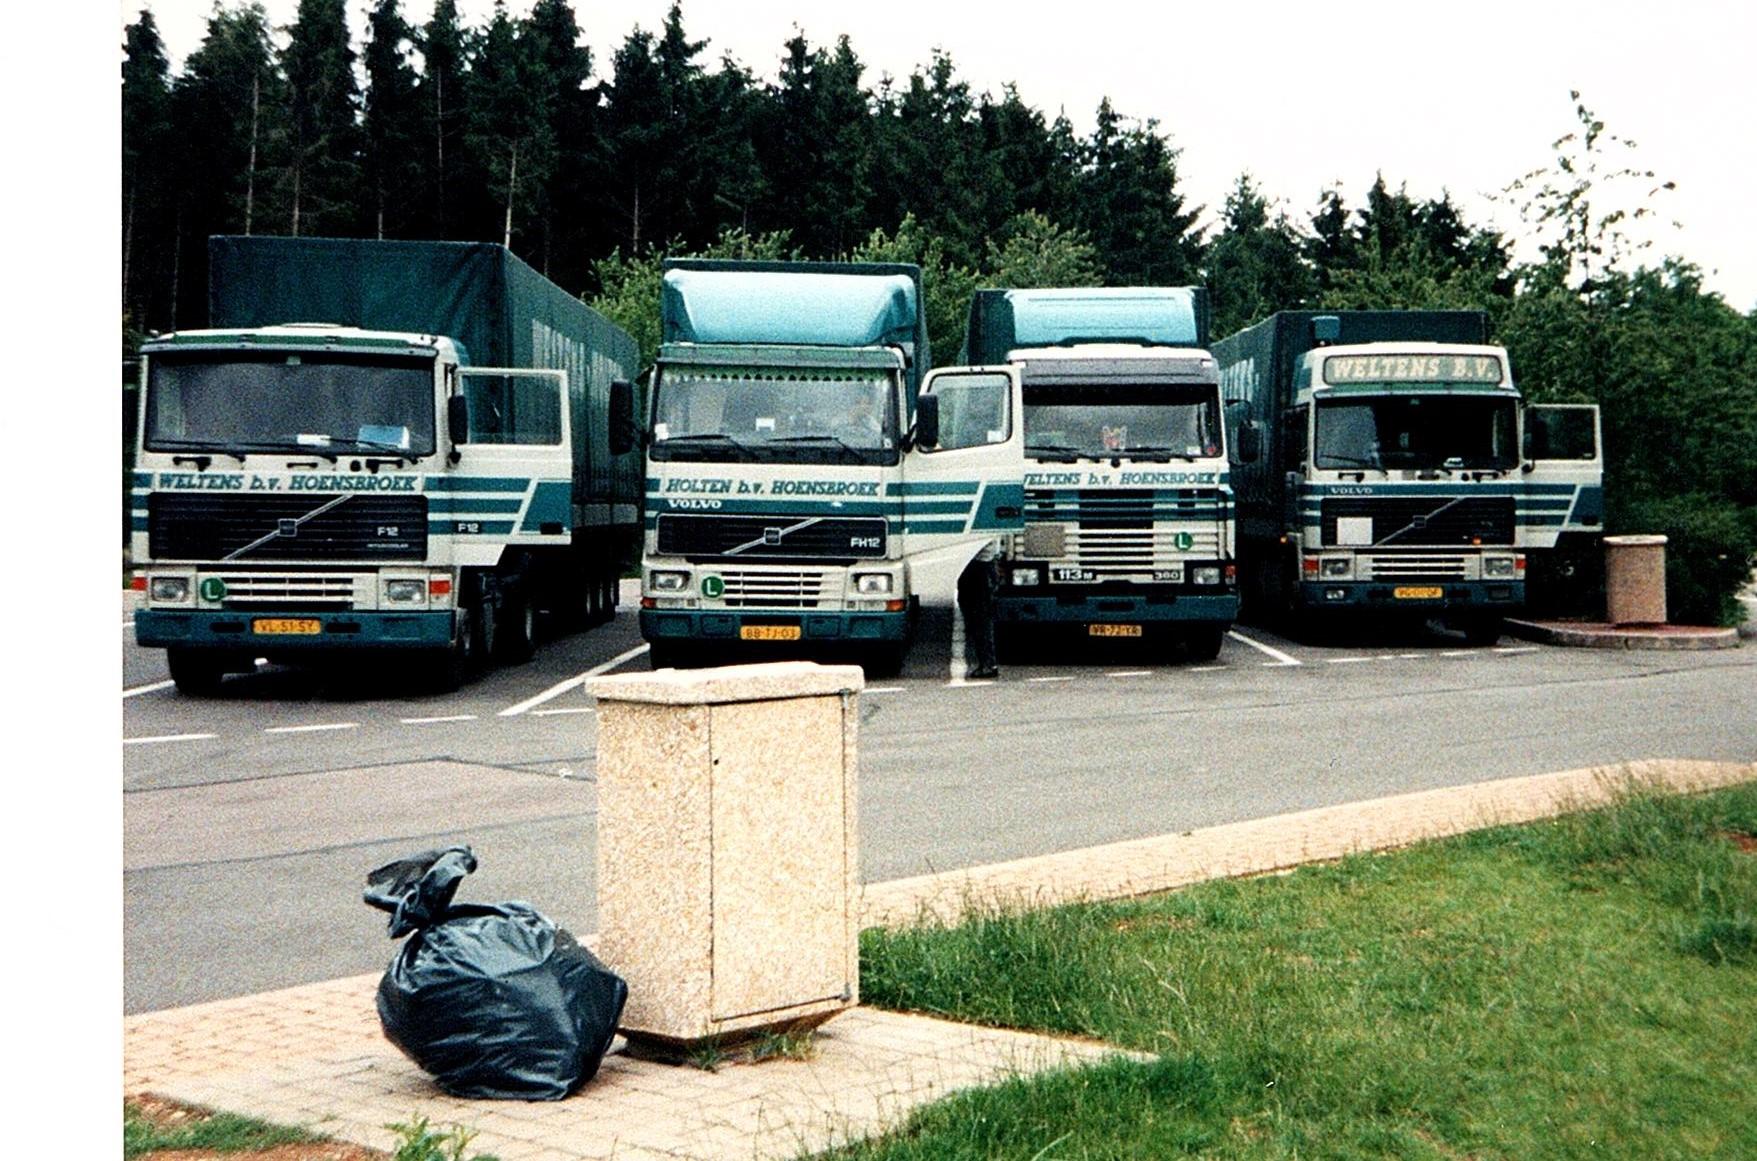 Bert-met-de-Scania-vakantie-vieren-in-Italie-46